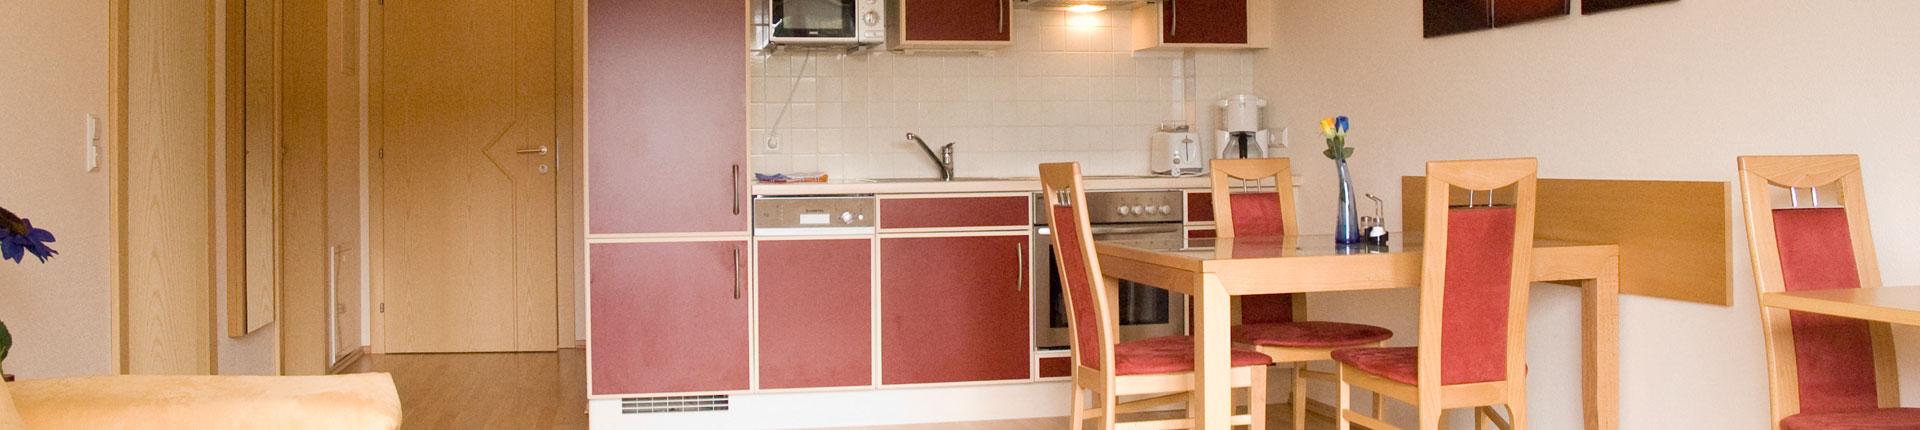 Wohnküche Apartment im Aparthotel Sunrise in Ramsau am Dachstein